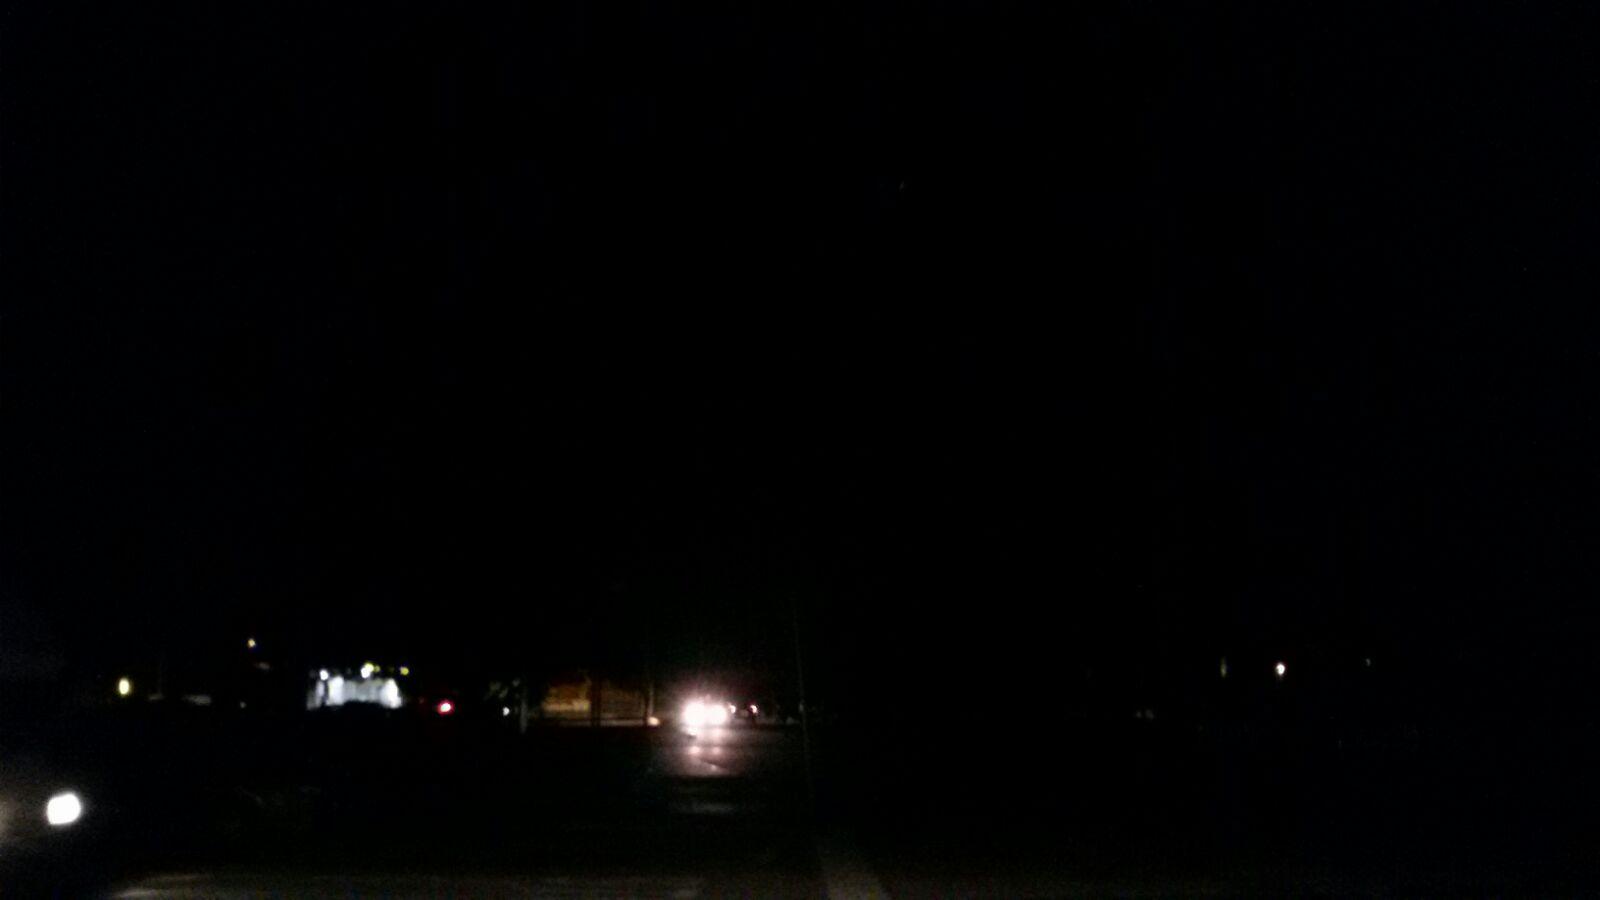 Parcheggio dell'ospedale al buio